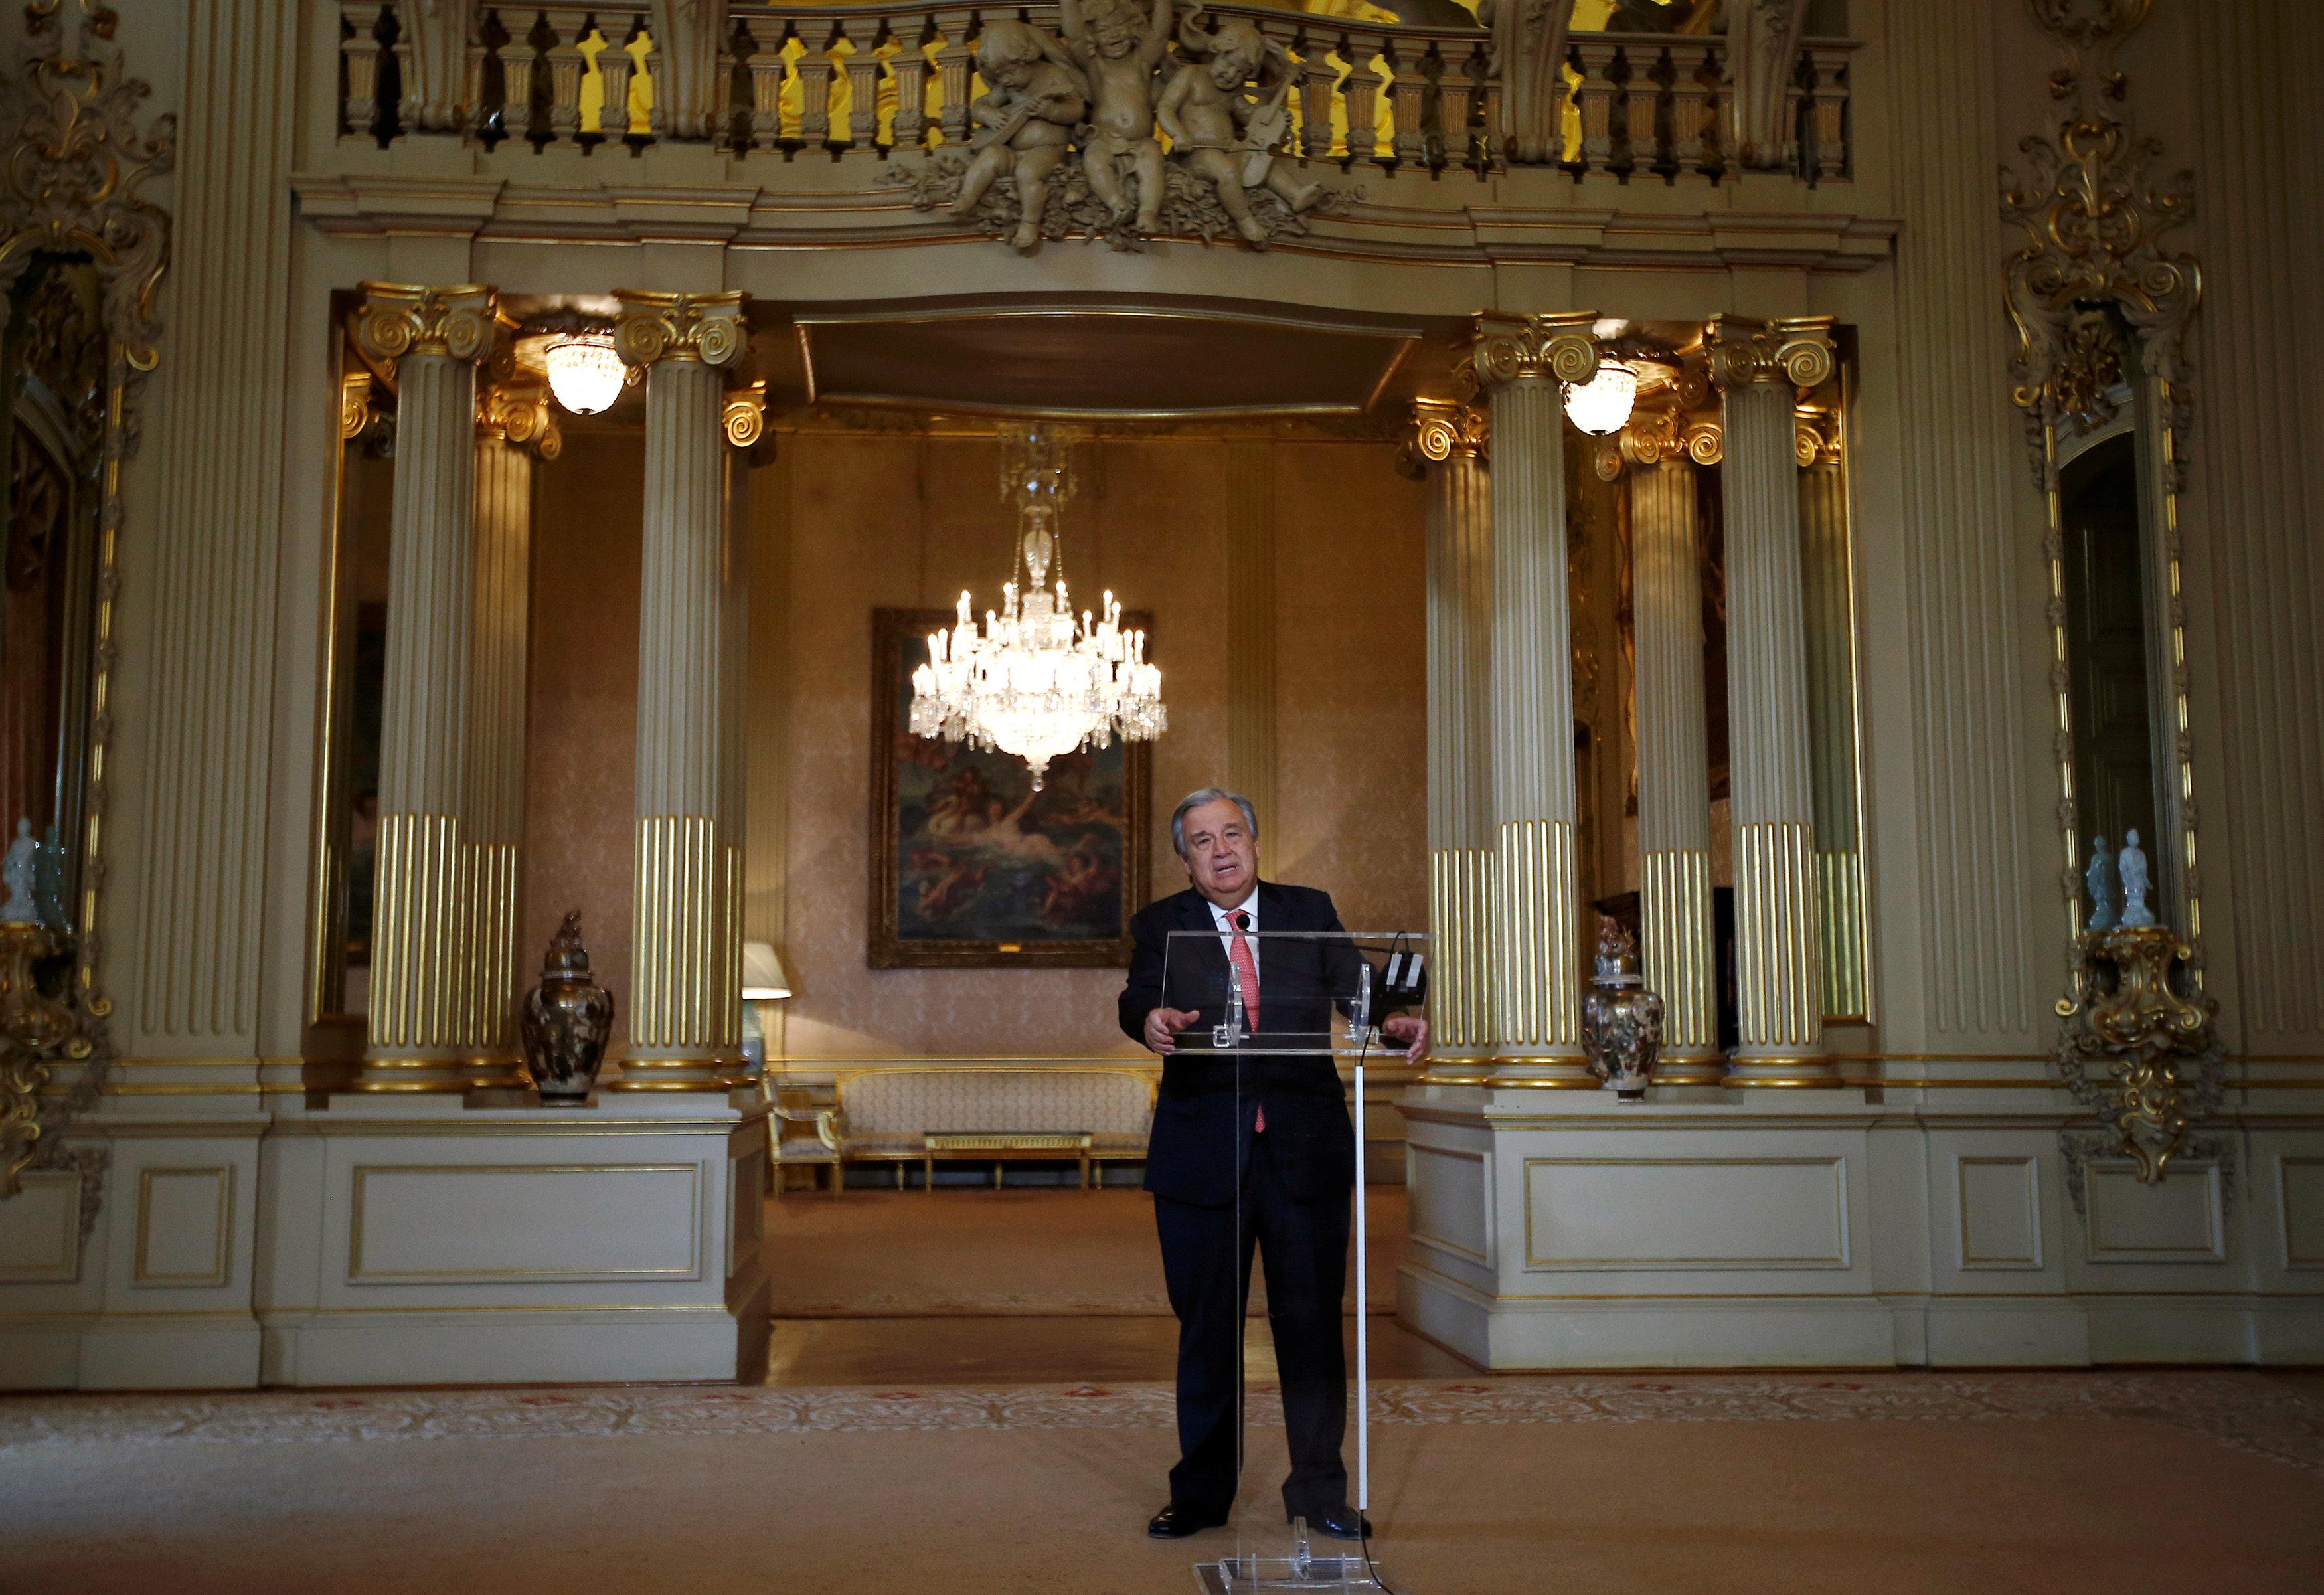 10月6日,在葡萄牙首都里斯本,刚获得联合国秘书长提名的安东尼奥·古特雷斯出席新闻发布会。(图片来源:新华社/路透)